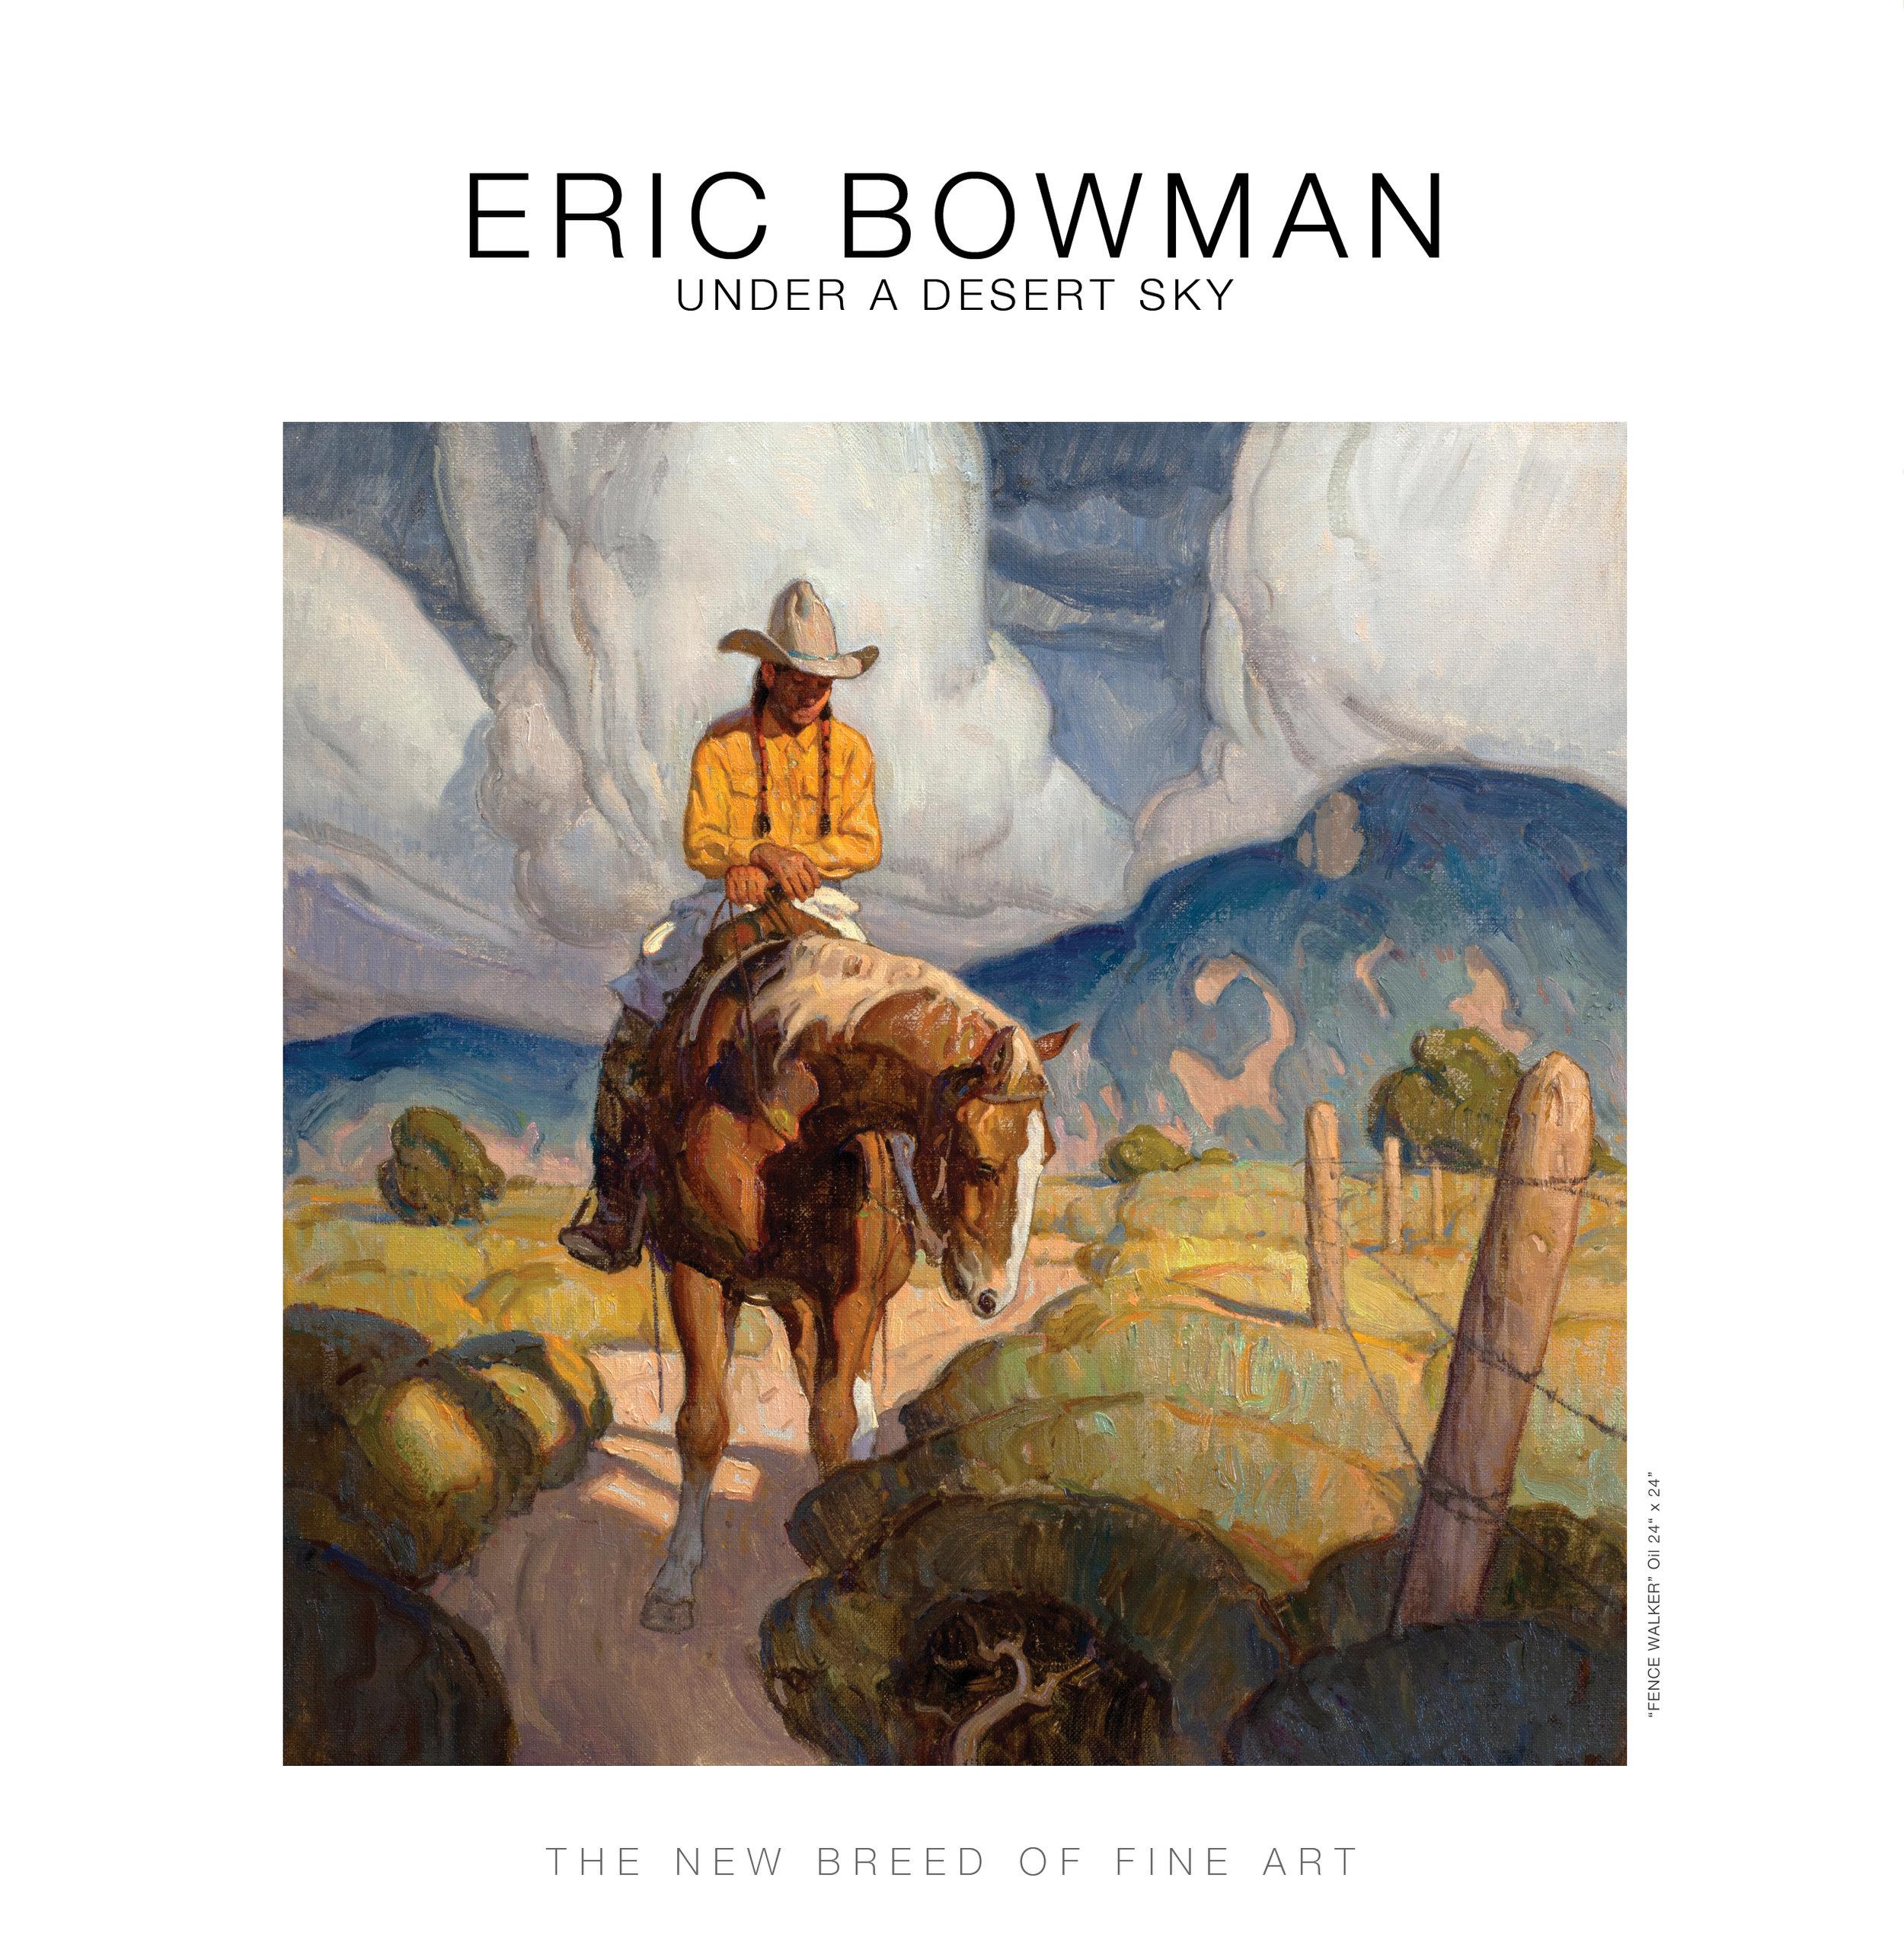 bowman2.jpg